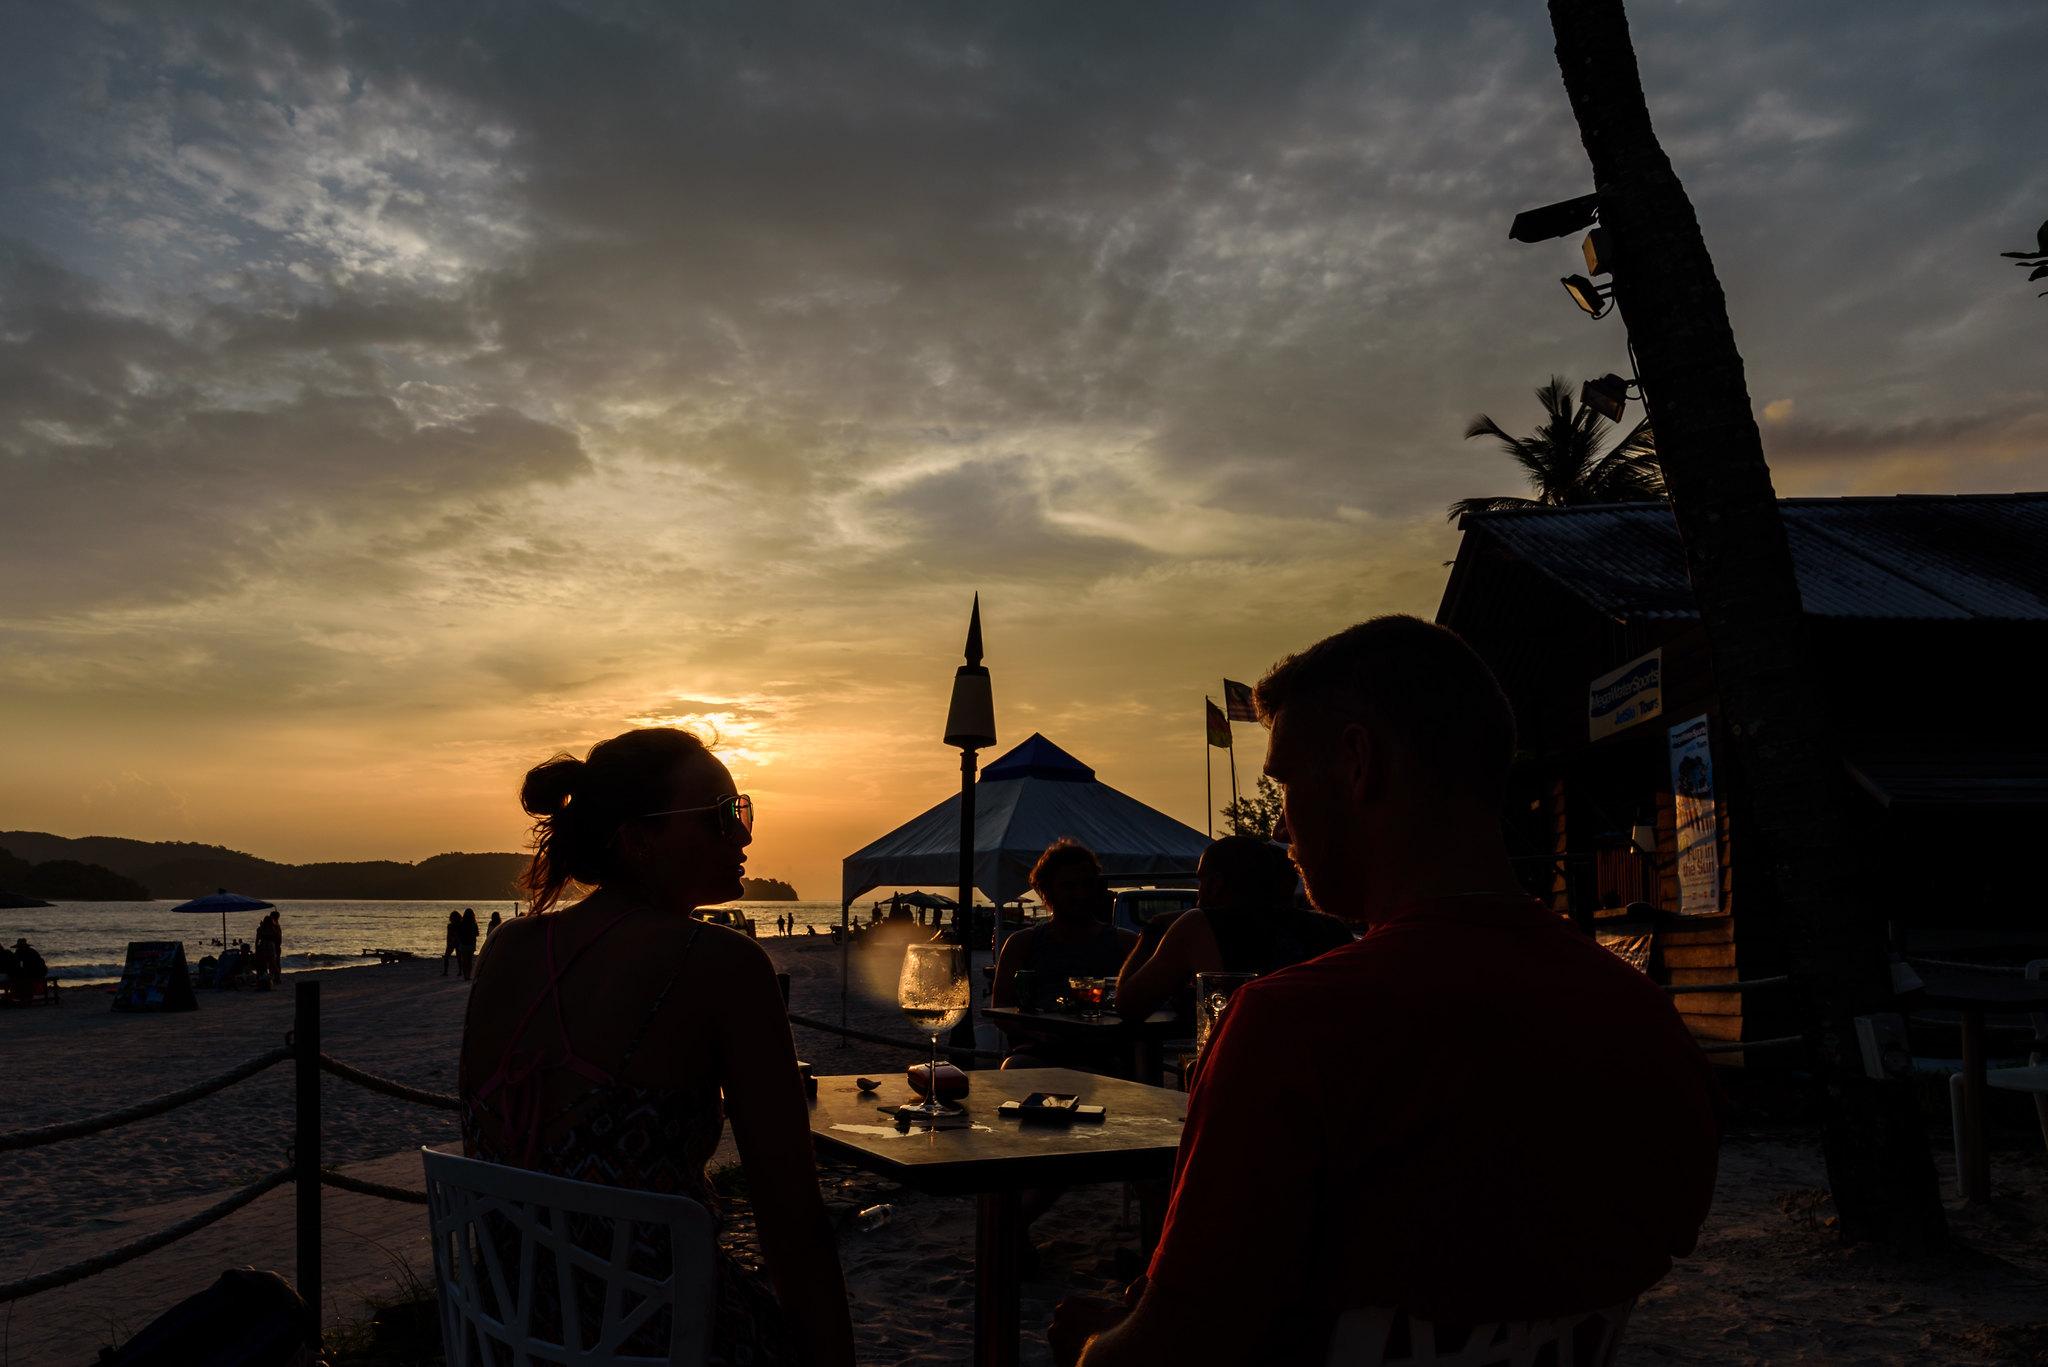 Pantai Cenang Langkawi Sunset